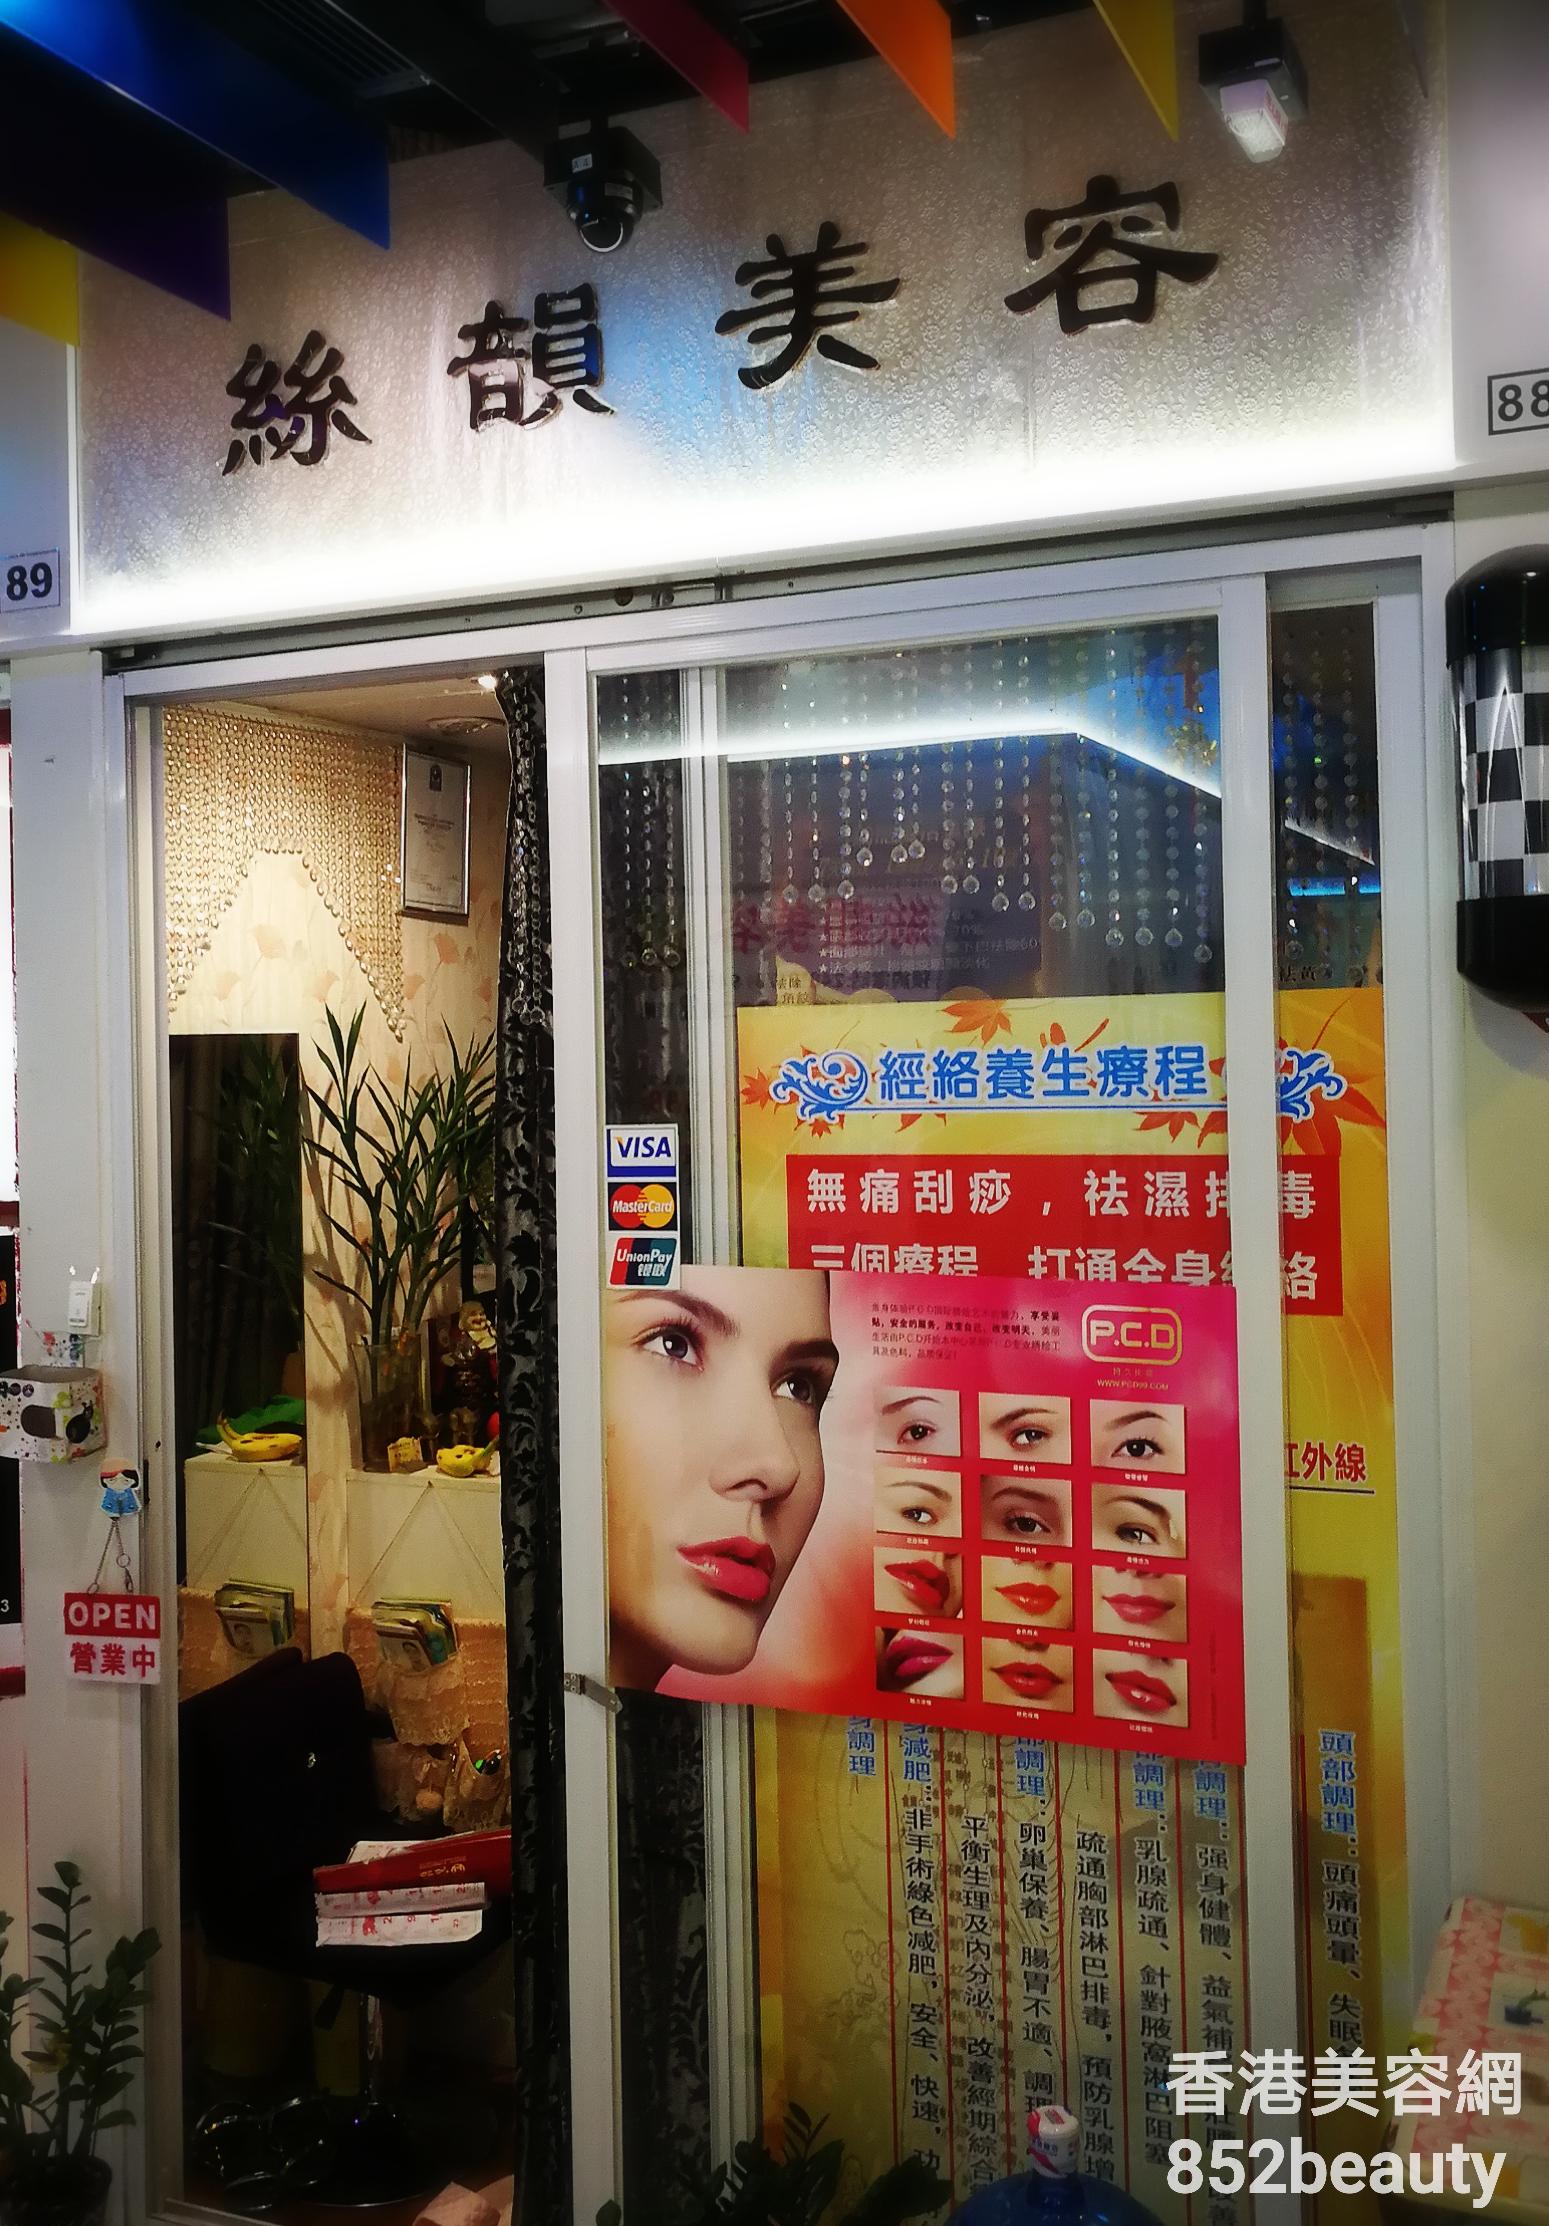 香港美容院 美容師 : 絲韻美容 @青年創業軍